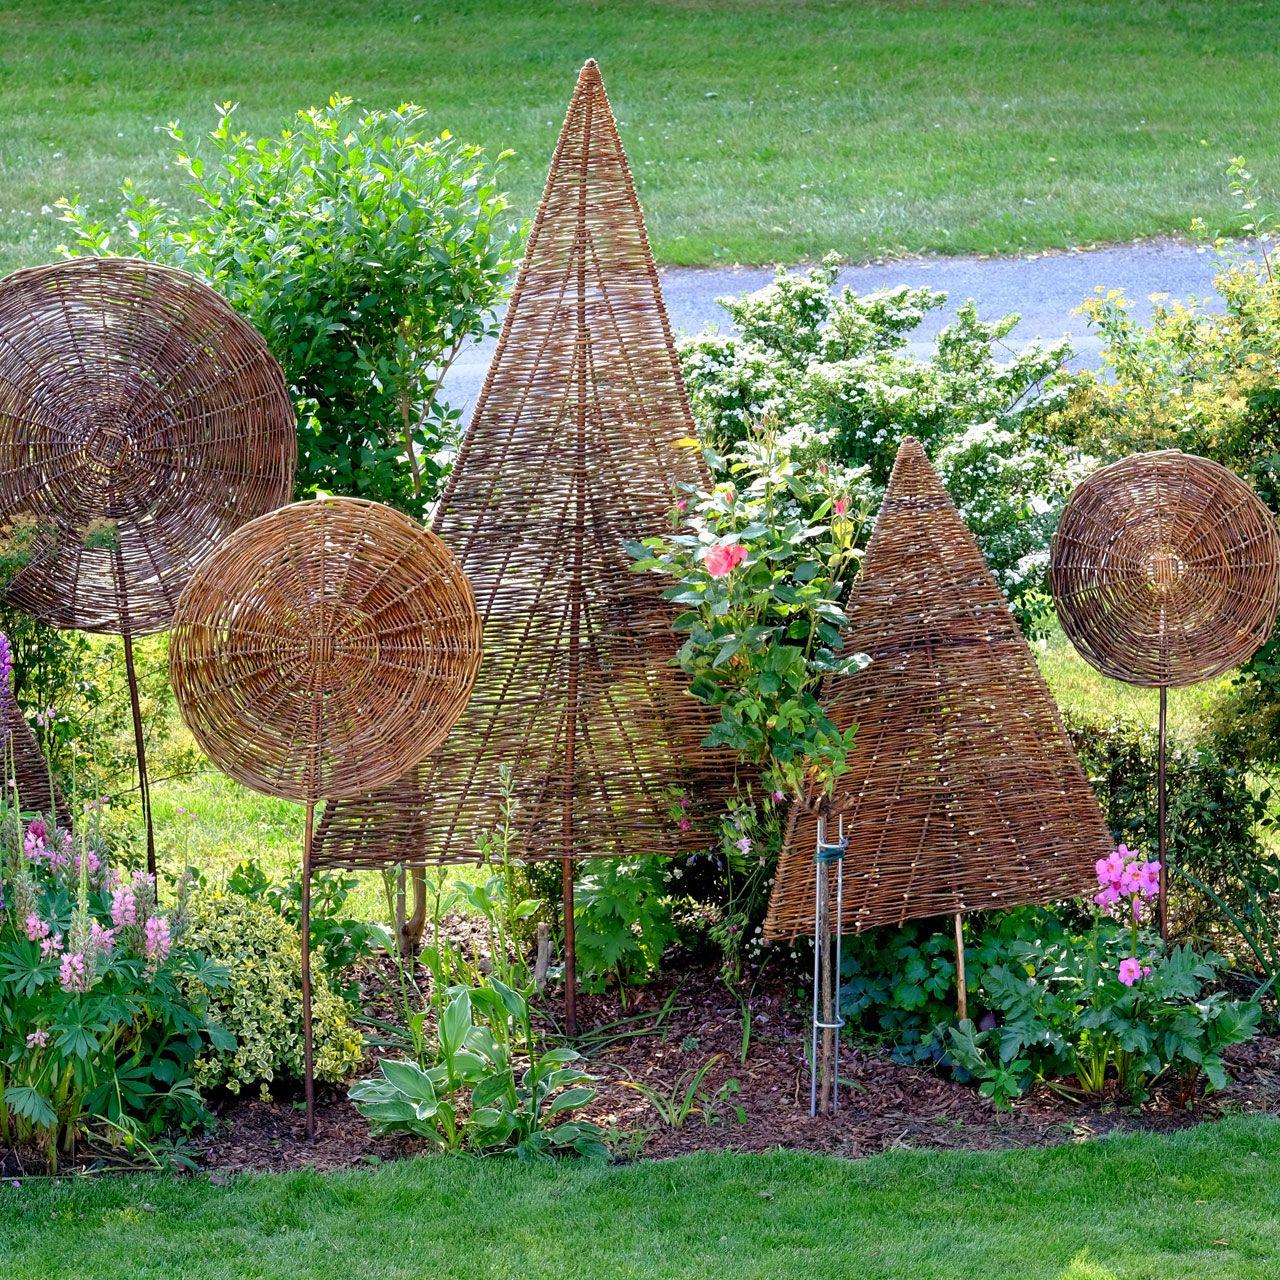 SichtschutzWeidenbaum Laubbaum, natur Decoration jardin